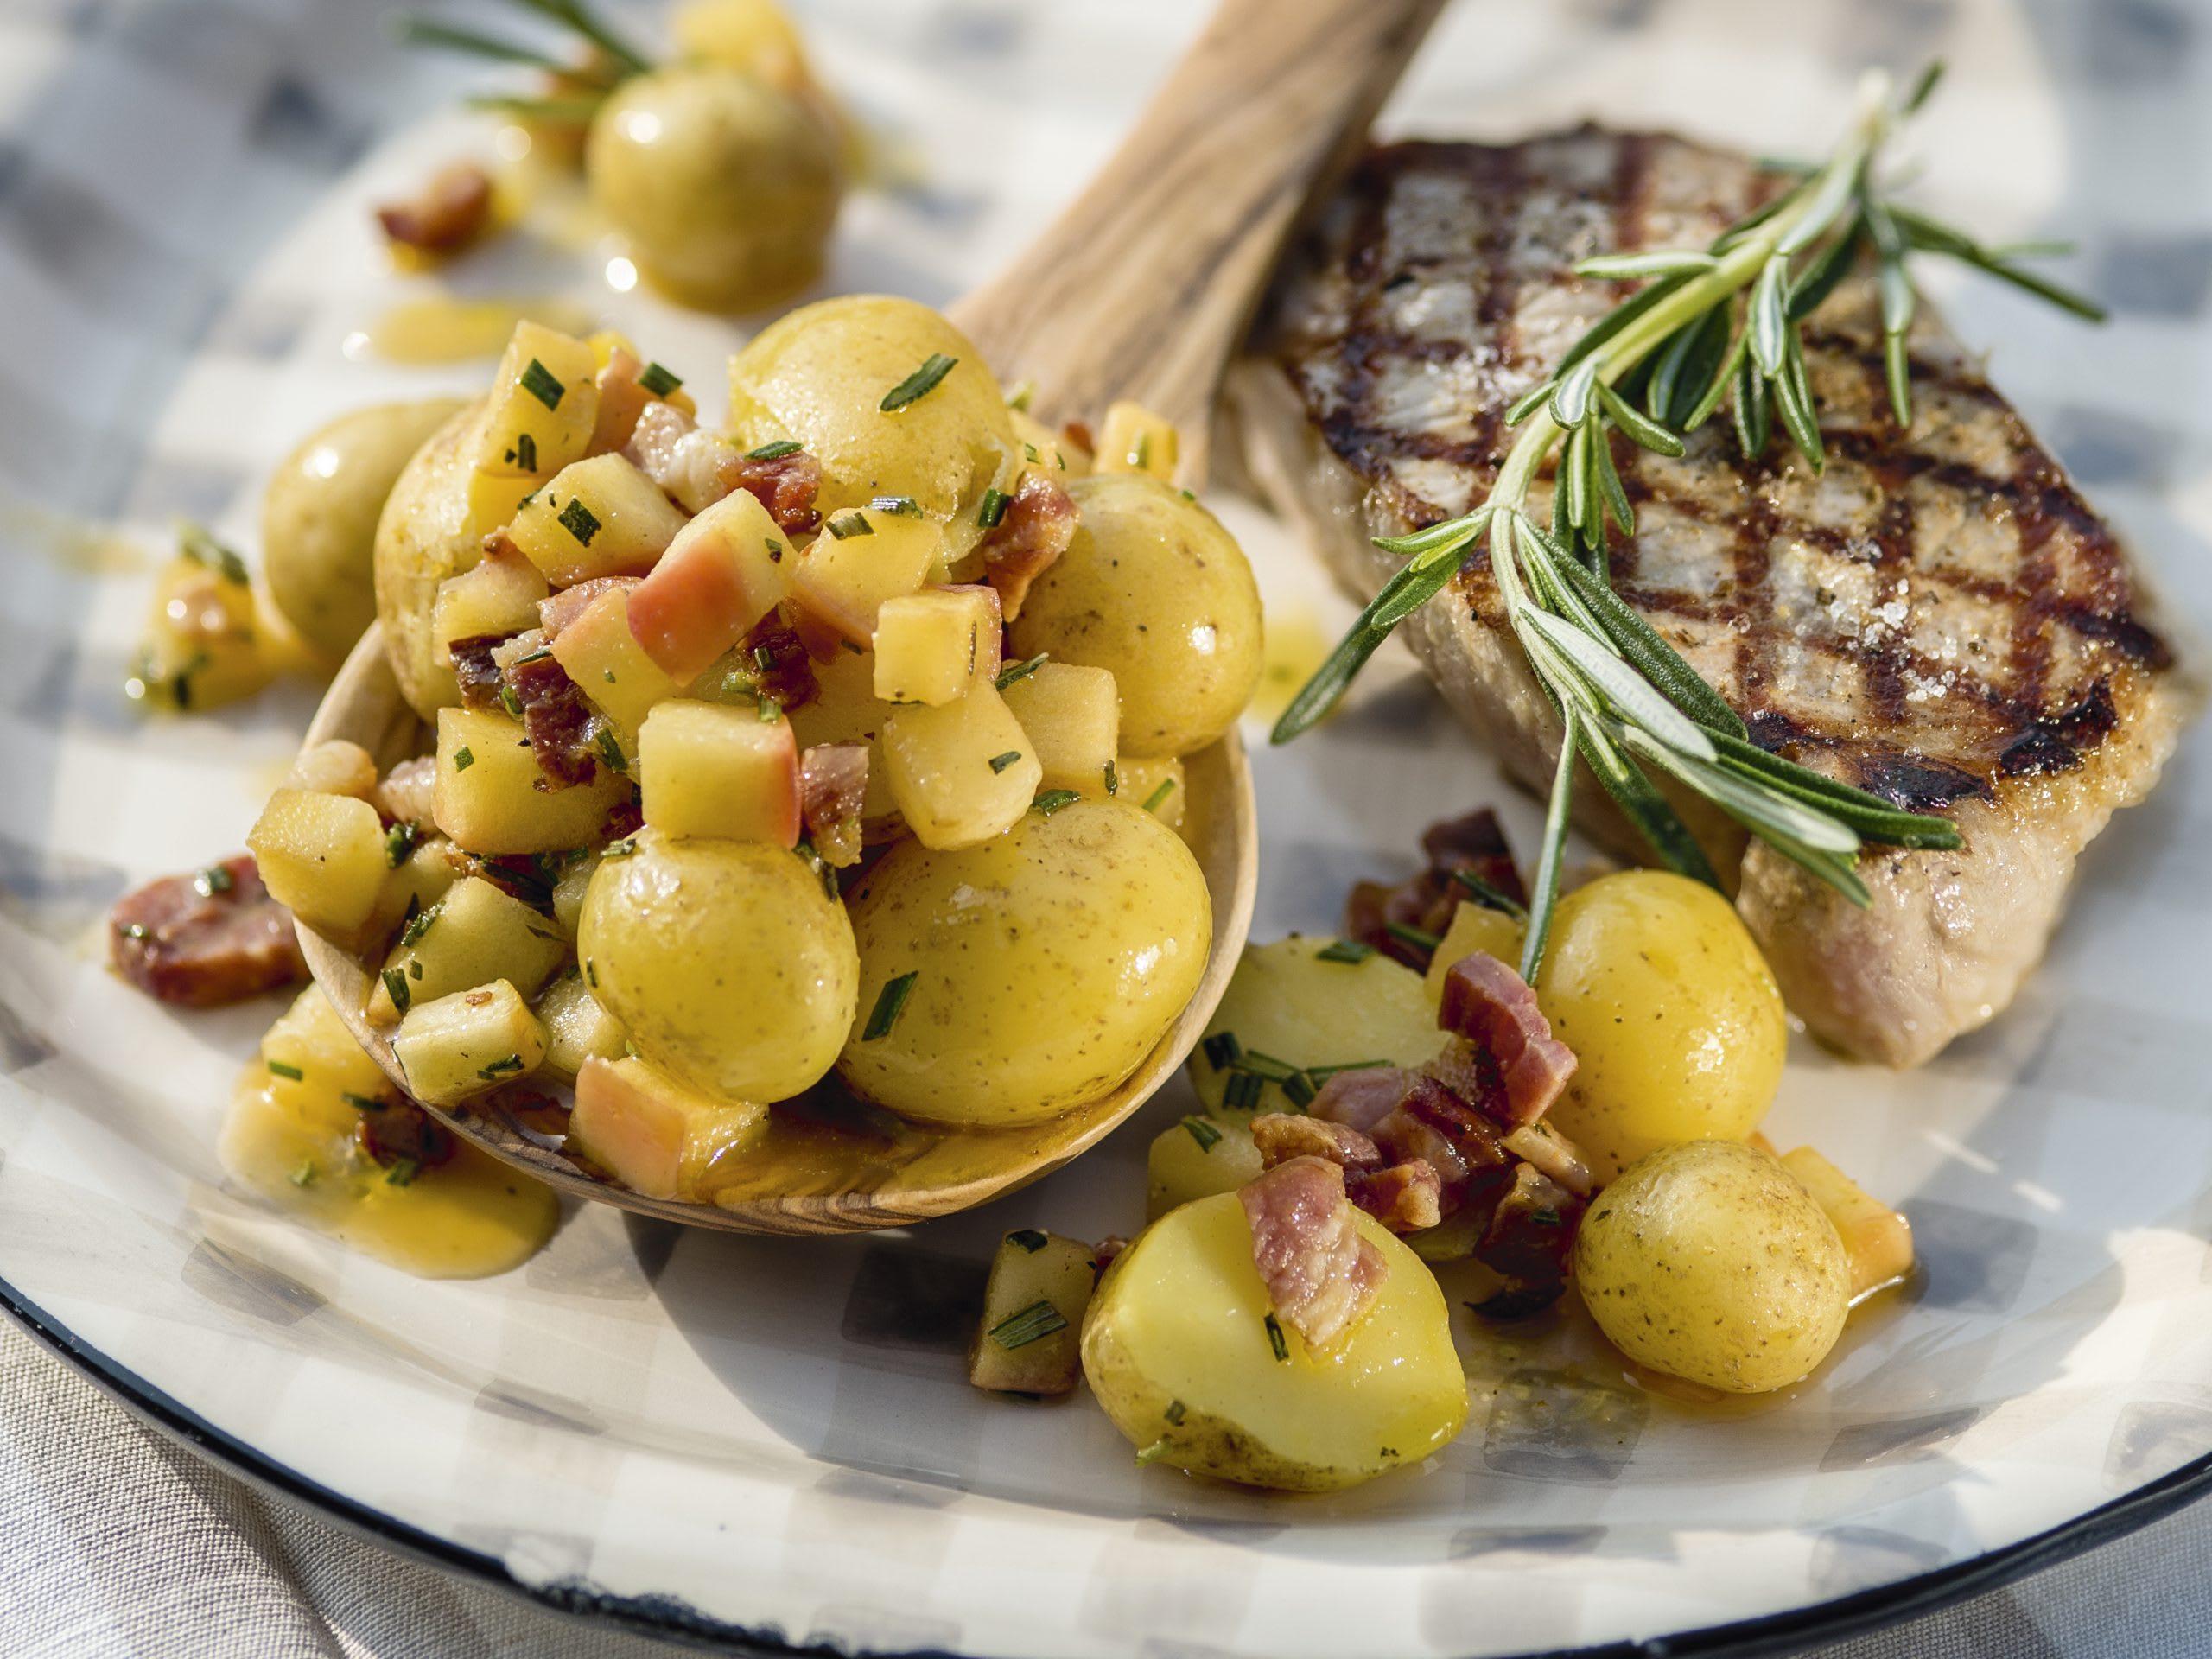 Kartoffelsalat an Apfel-Rosmarin-Sauce